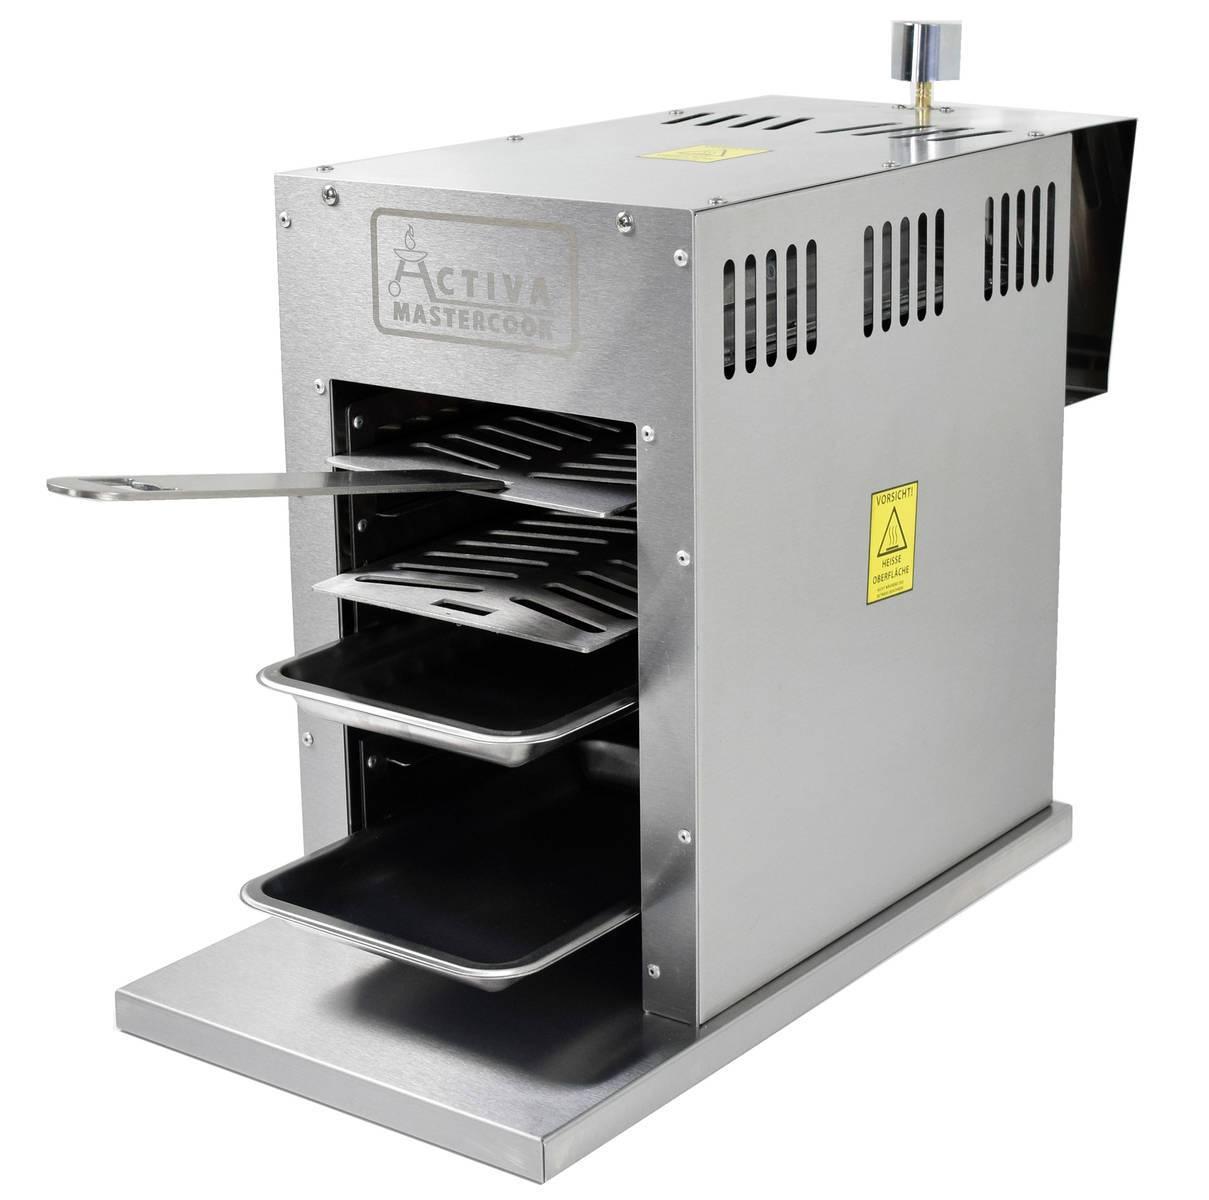 Oberhitzegrill mit 3.5 kW (800 Grad)